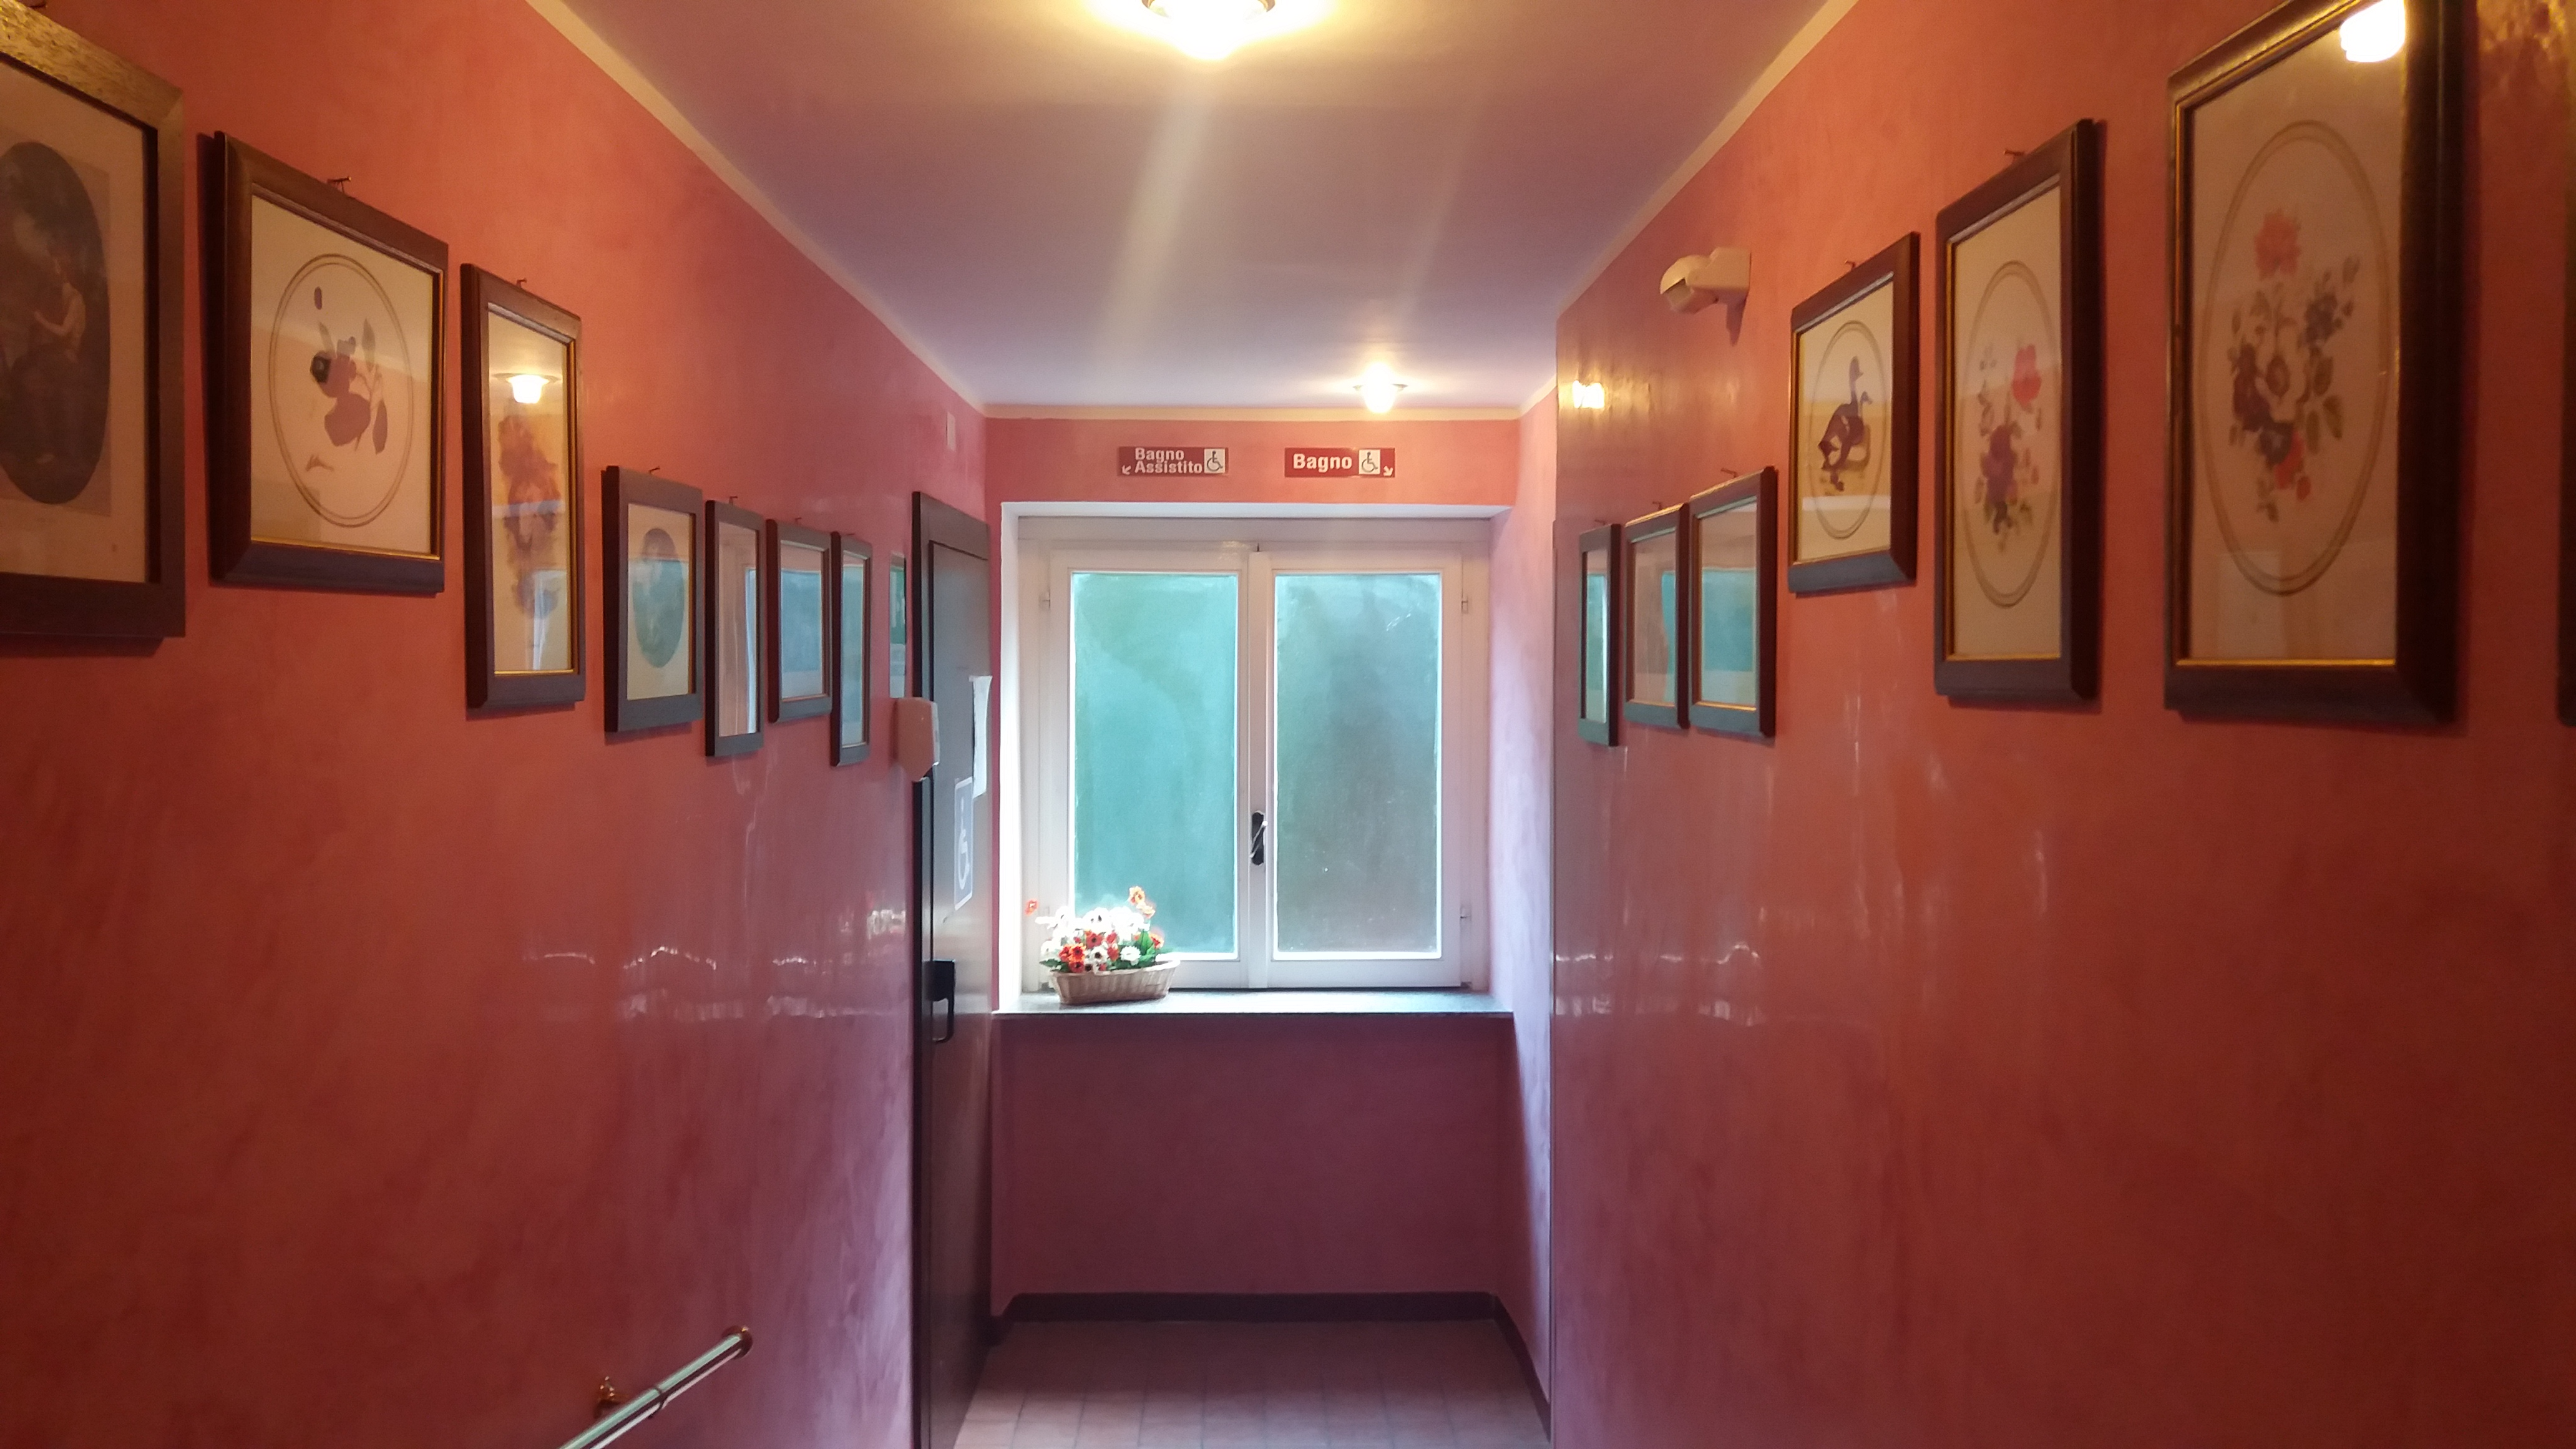 Corridoio bagno 2 villa la rocca residenza per anziani - Bagno la villa pinarella ...